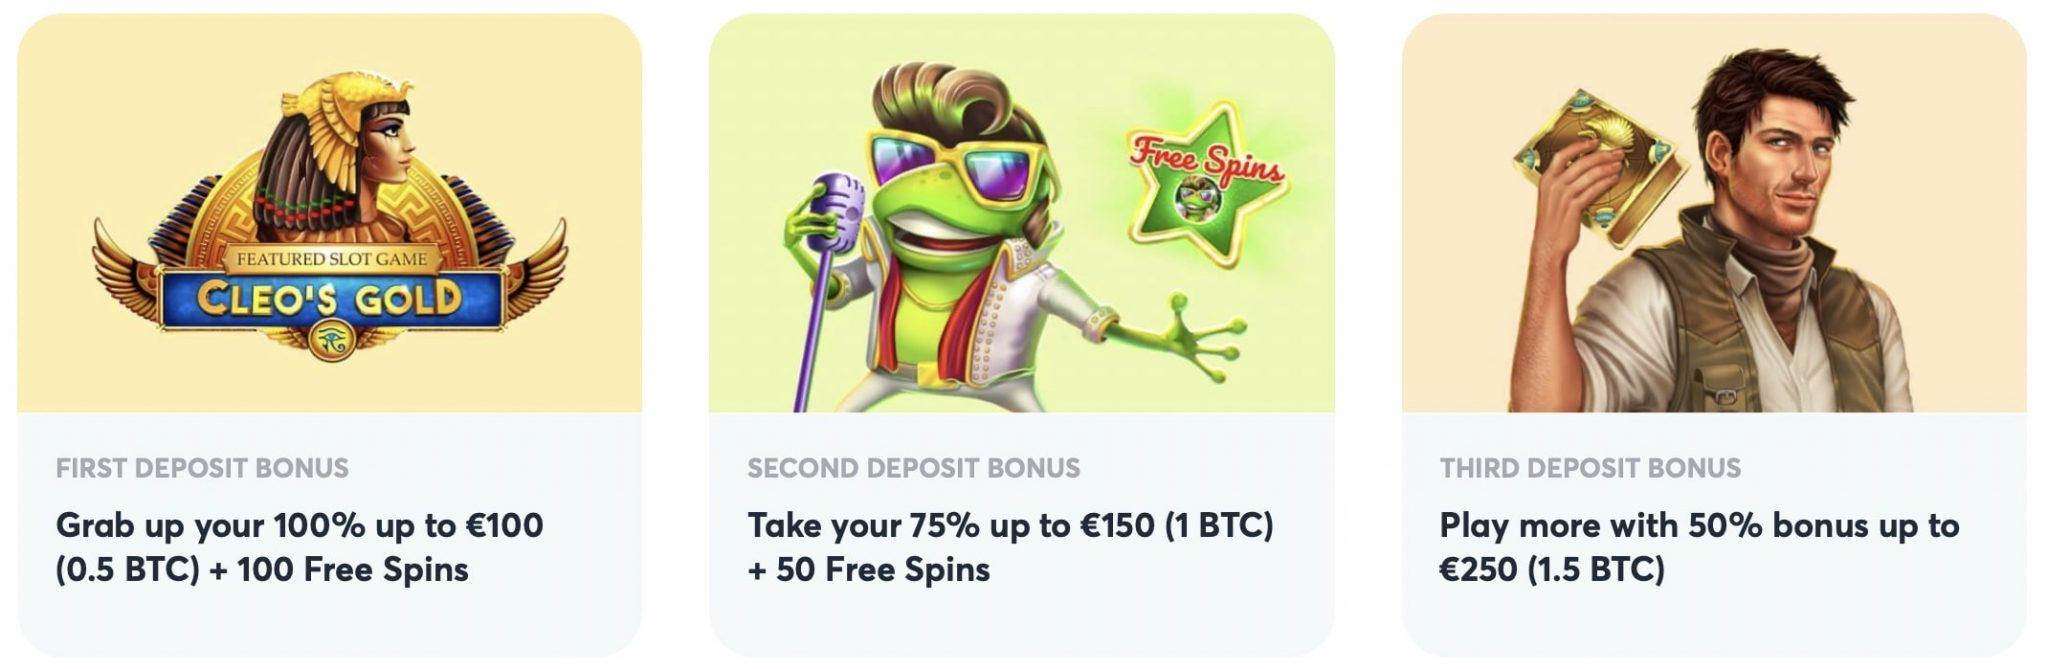 Goodman Casino Welcome Bonus